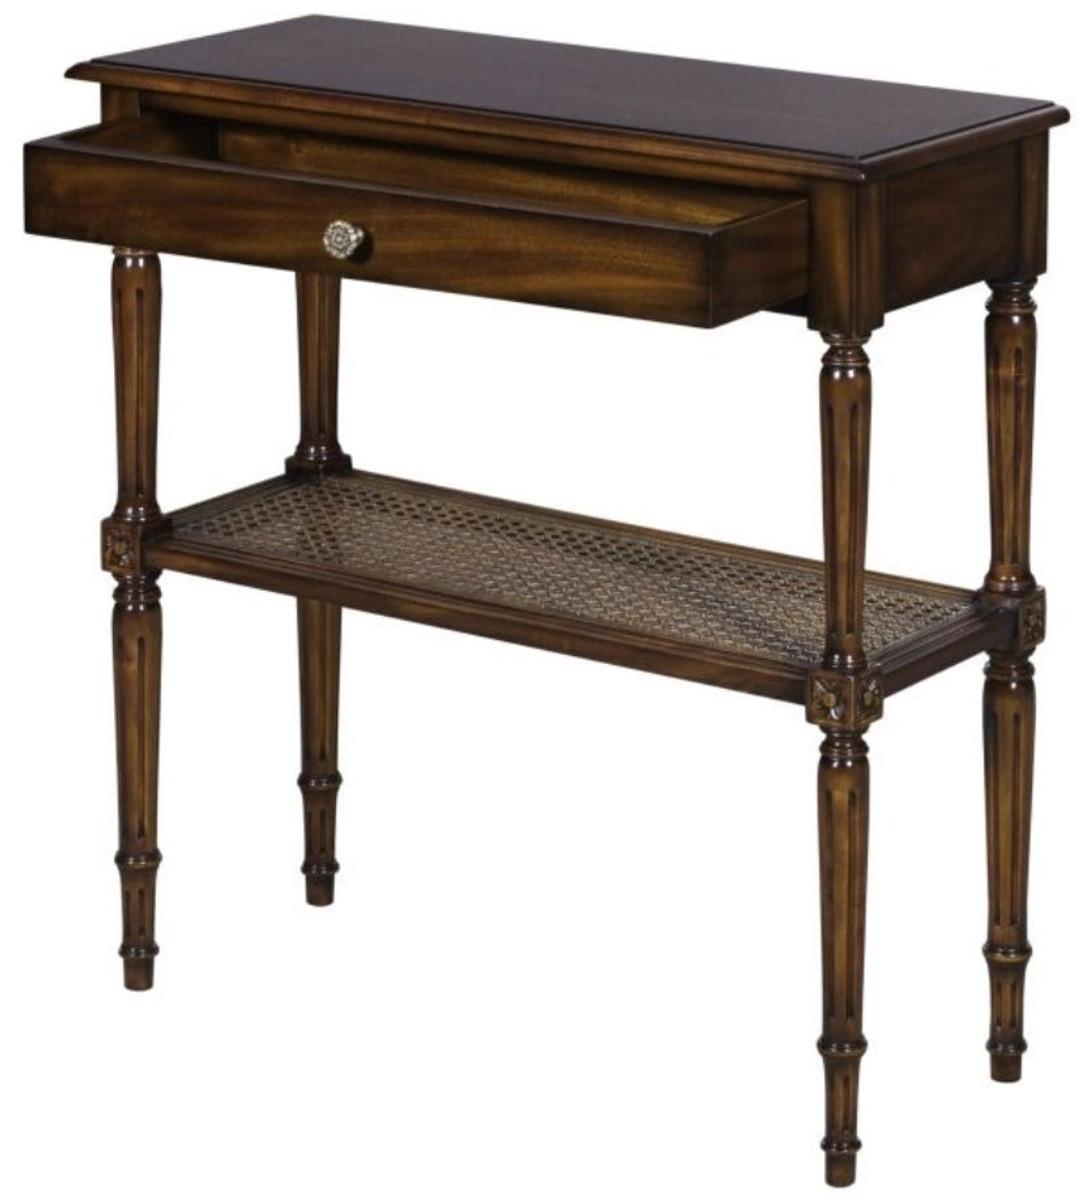 Le Style Art Avec De 71 Nouveau Luxe Table 28 Acajou Foncé Français Tiroir Dans X Console Casa H76 Cm Padrino Brun En K5l3u1JcTF